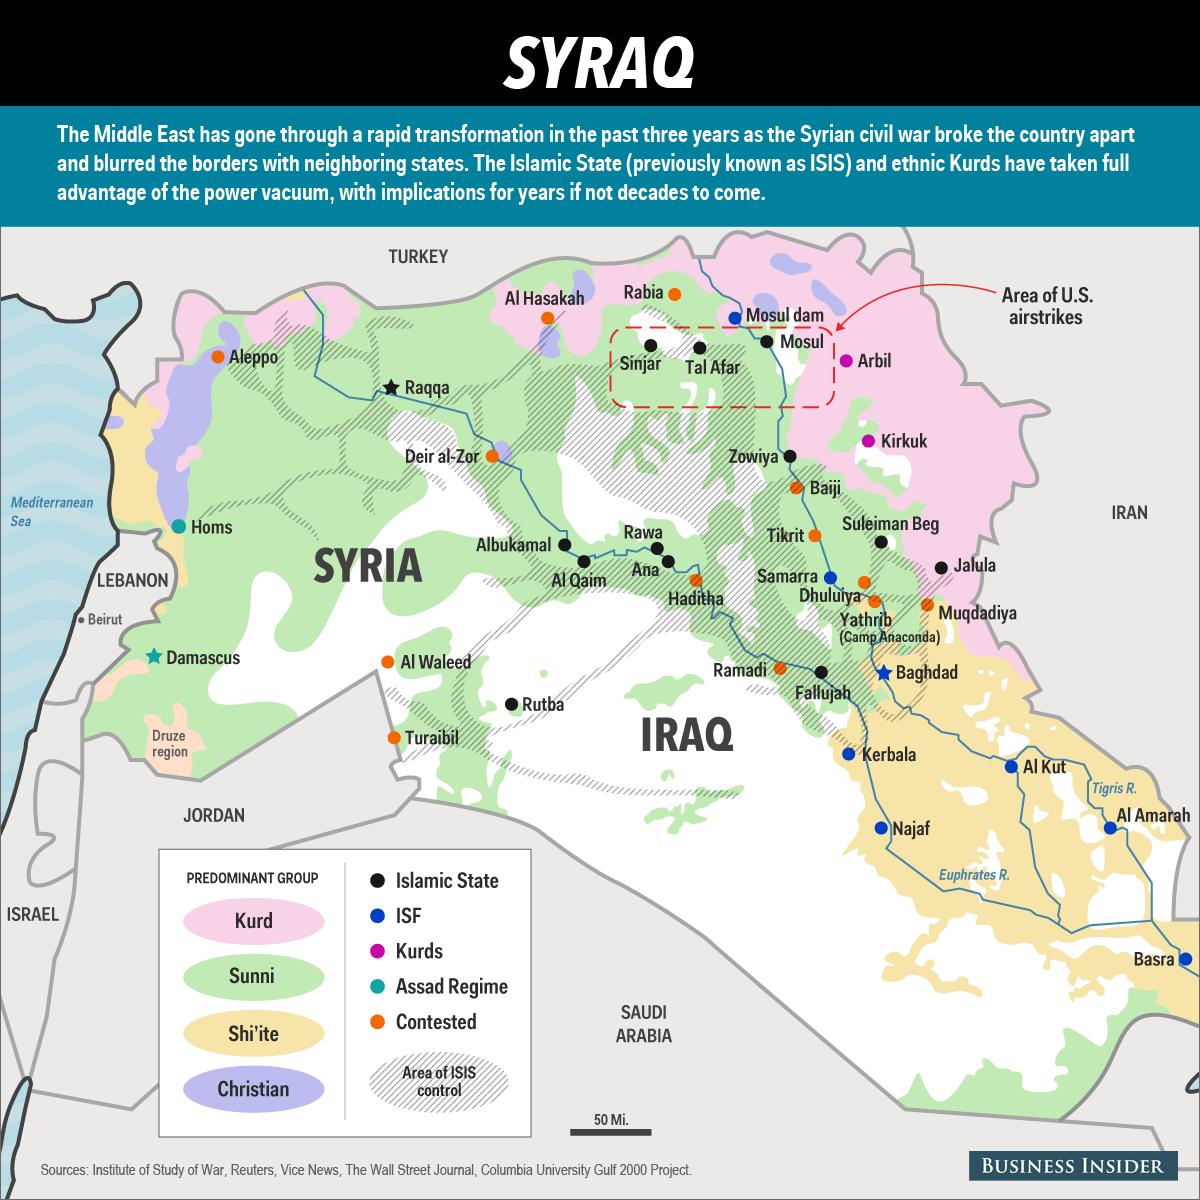 irak country: